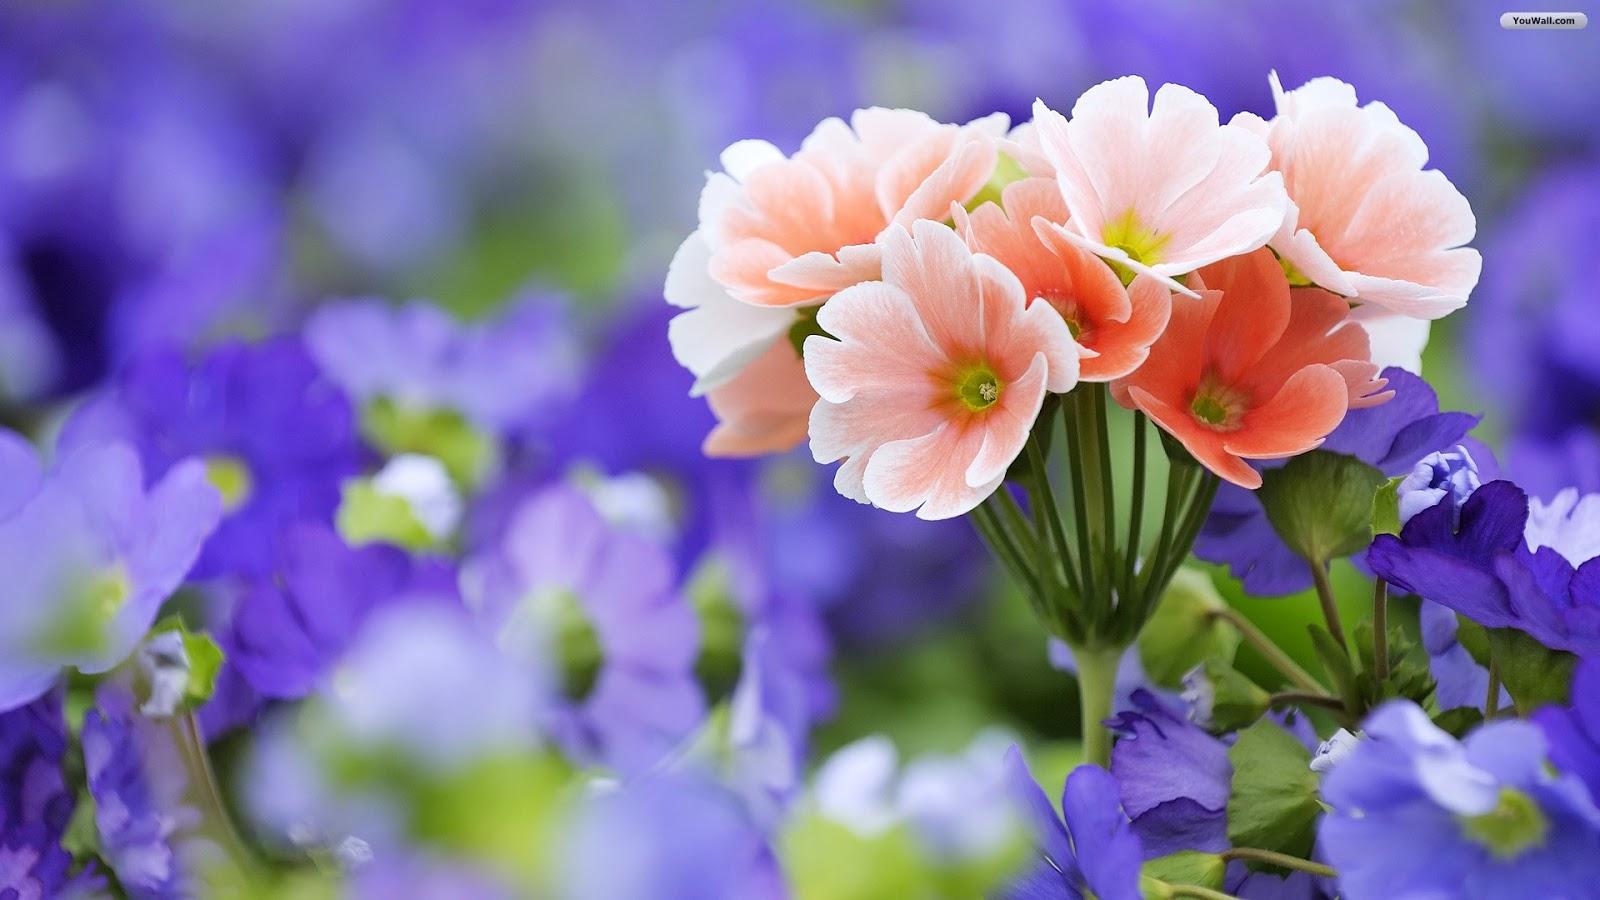 FLOWER SHOP Desktop Beautiful Flowers HD Wallpapers 1600x900